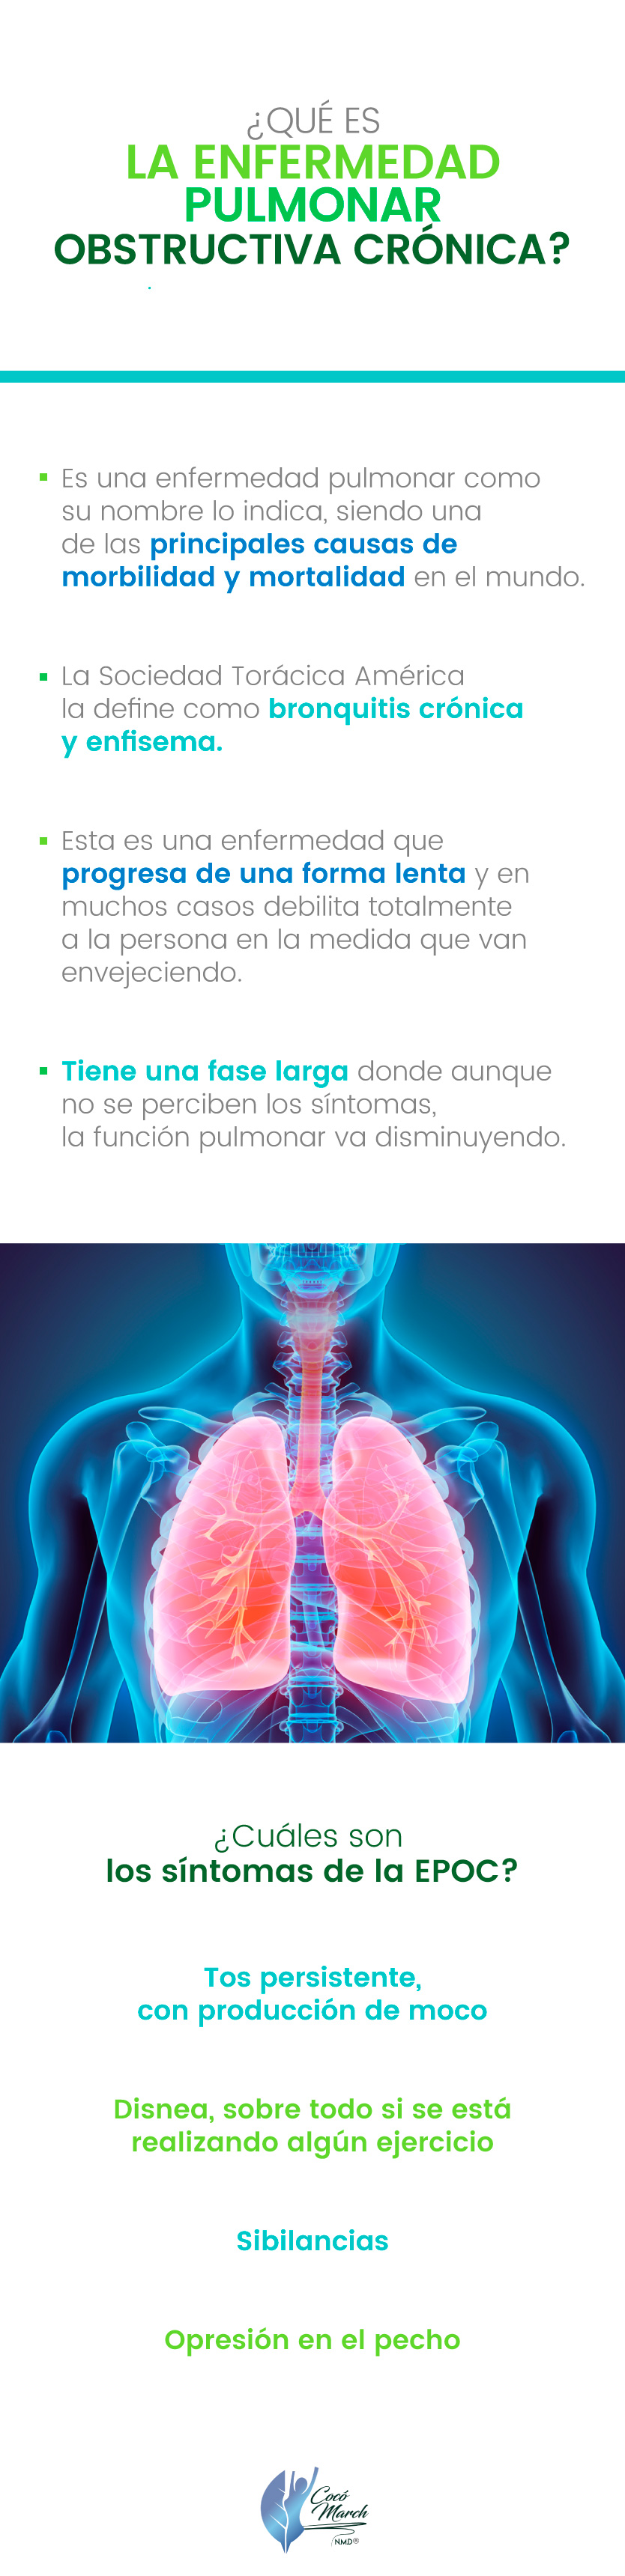 enfermedad-pulmonar-obstructiva-cronica-que-es